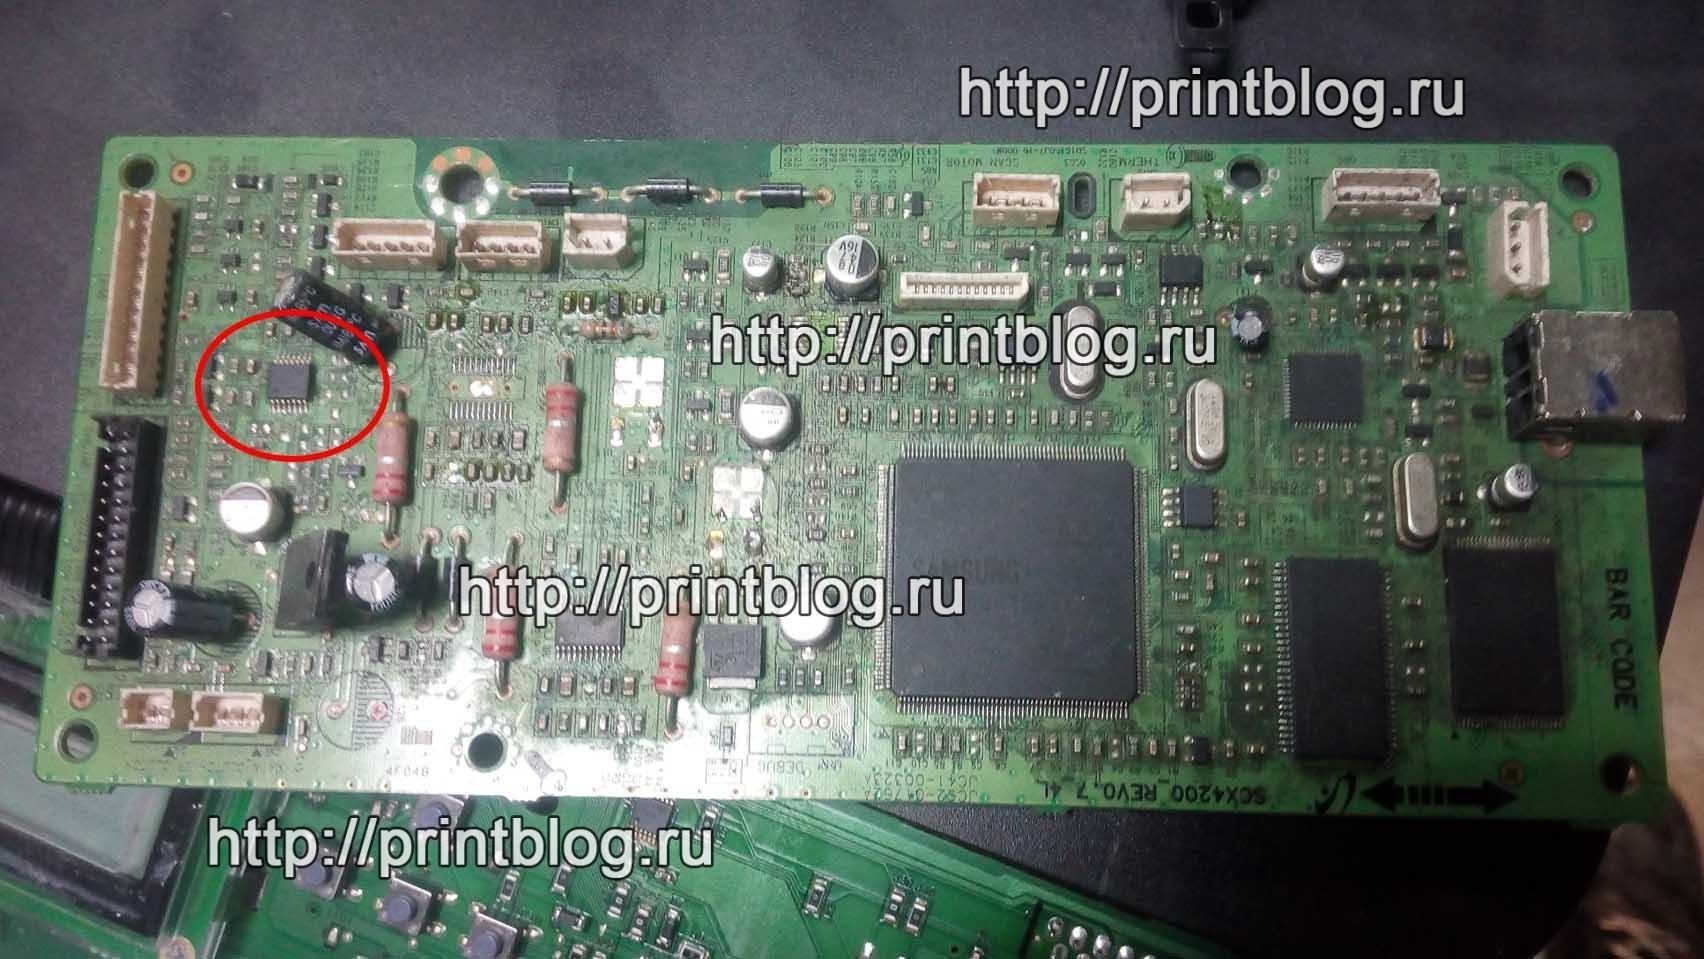 Сложный ремонт Samsung M2070, не включается, не определяется компьютером, черные квадраты на экране